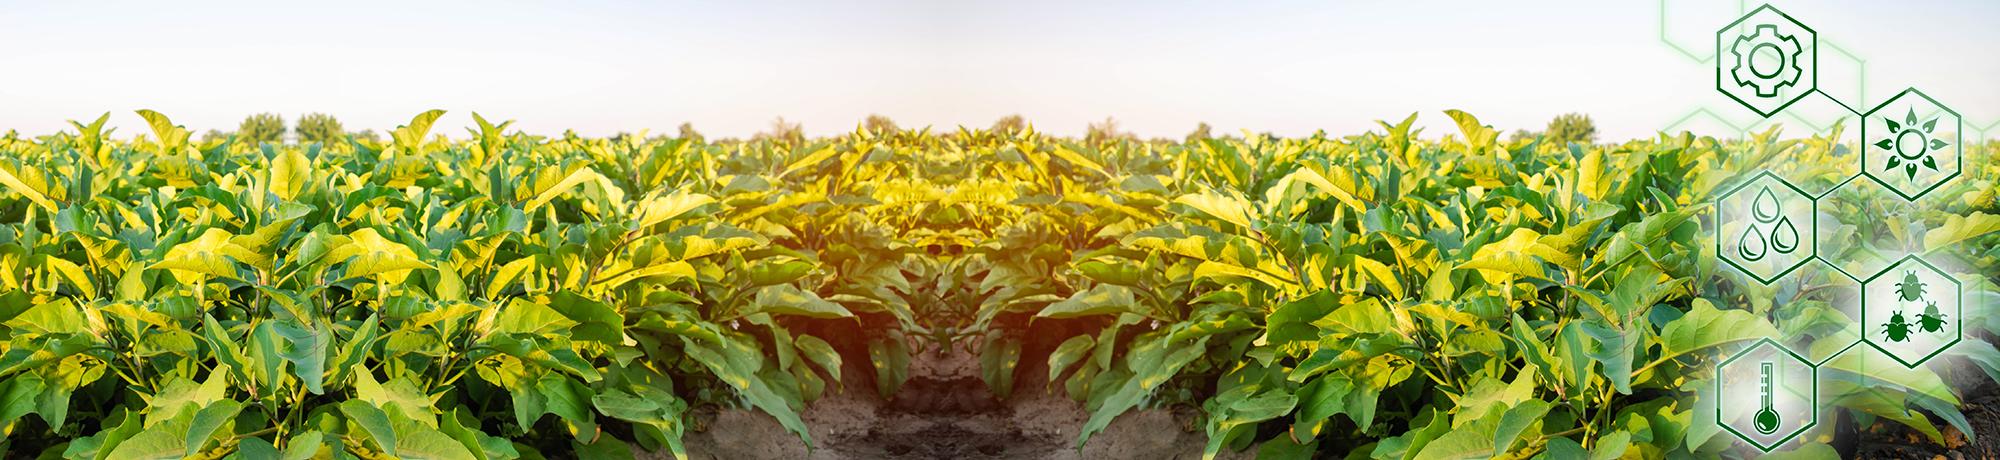 Agrar-Softwareunternehmen modernisiert das Vertragsmanagement